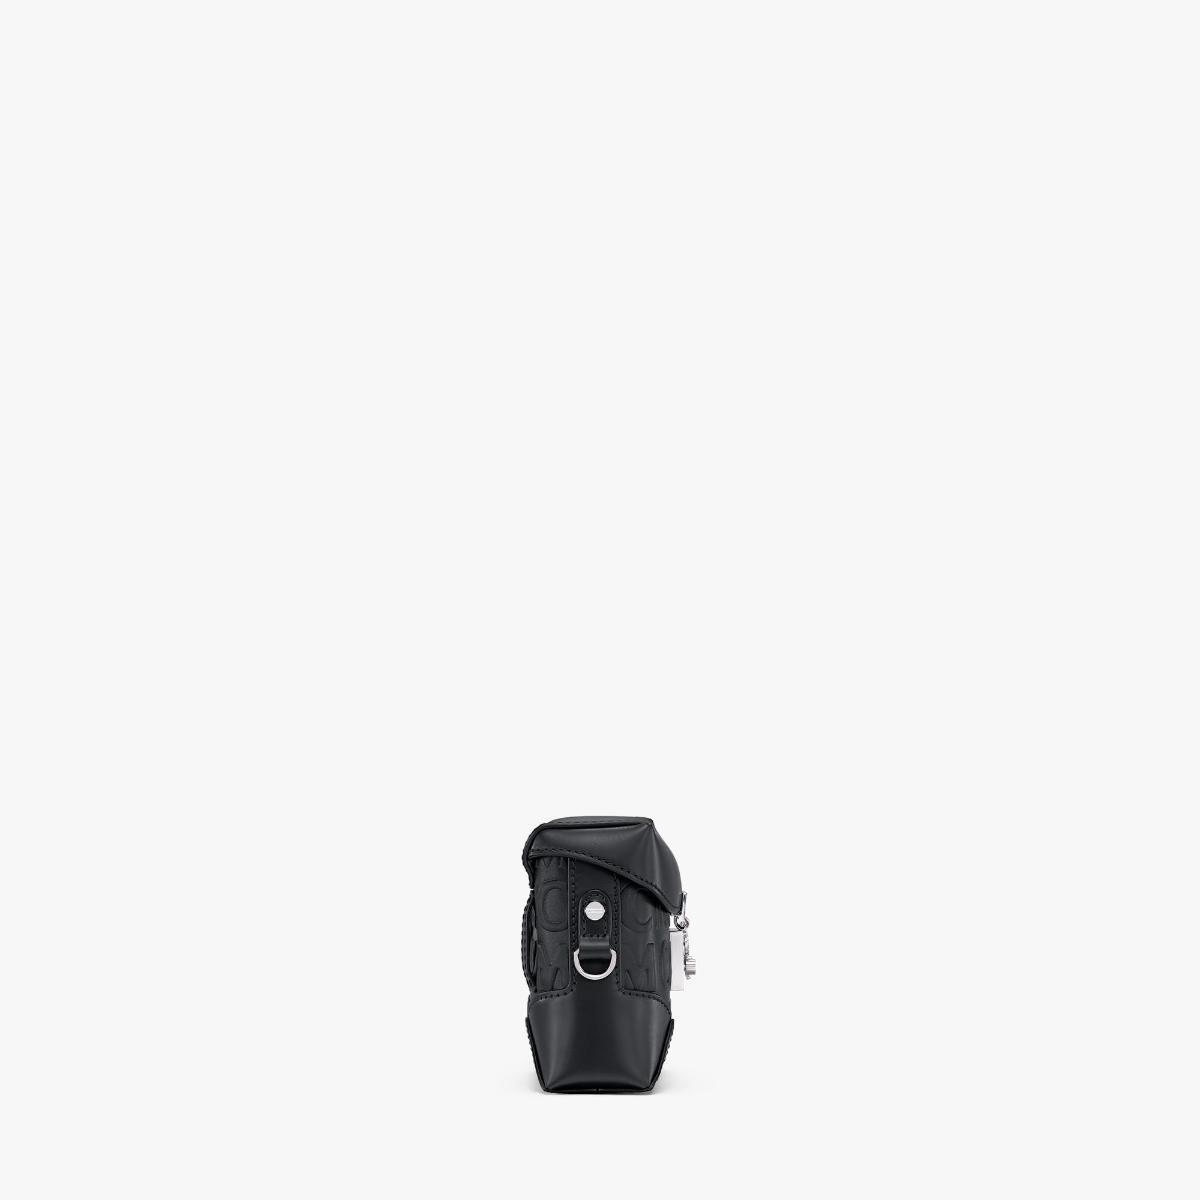 엠씨엠(MCM) 소프트 베를린 모노그램 레더 벨트백 MWZAABF01BK